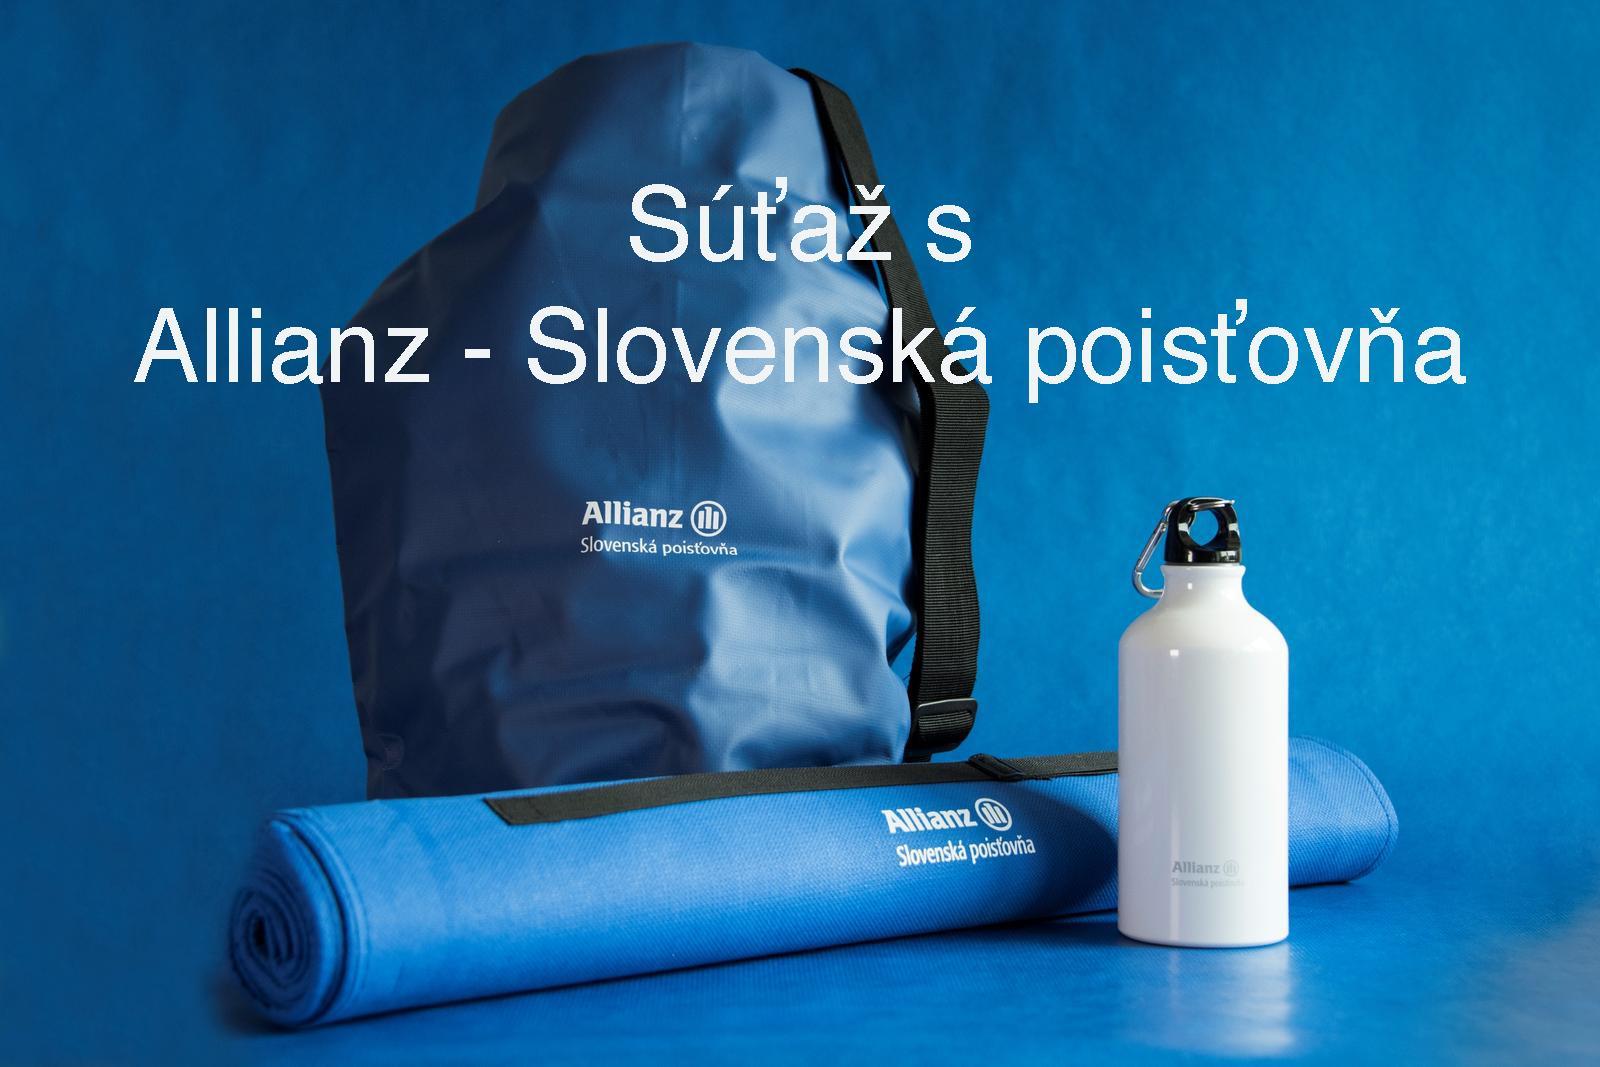 Práve na Modrej streche prebieha SÚŤAŽ s Allianz. Už ste sa zapjili? :) Ak nie, ešte do nedele máte možnosť súťažiť na tomto linku: https://www.modrastrecha.sk/forum/sutaz/sutaz-s-allianz-slovenskou-poistovnou-vyhrajte-vybavu-na-piknik-ci-turu/ - Obrázok č. 1